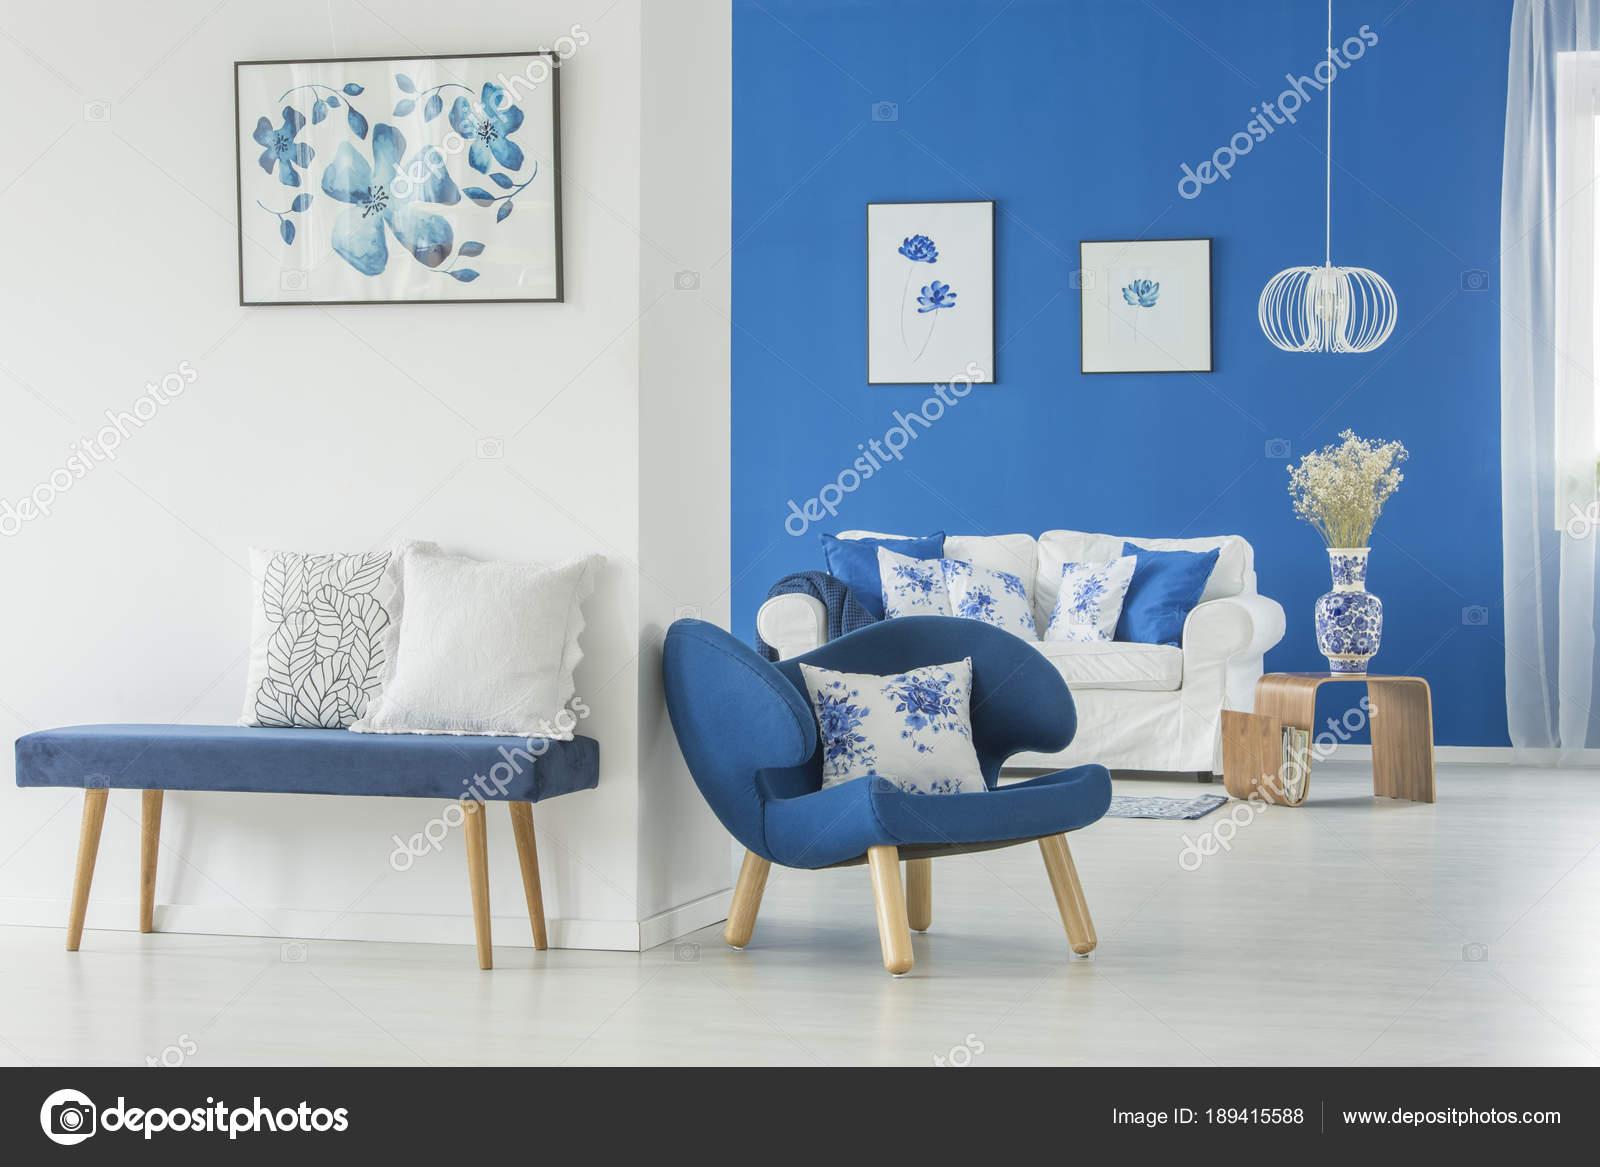 Banc De Velours Contre Le Mur Blanc Photographie Photographeeeu